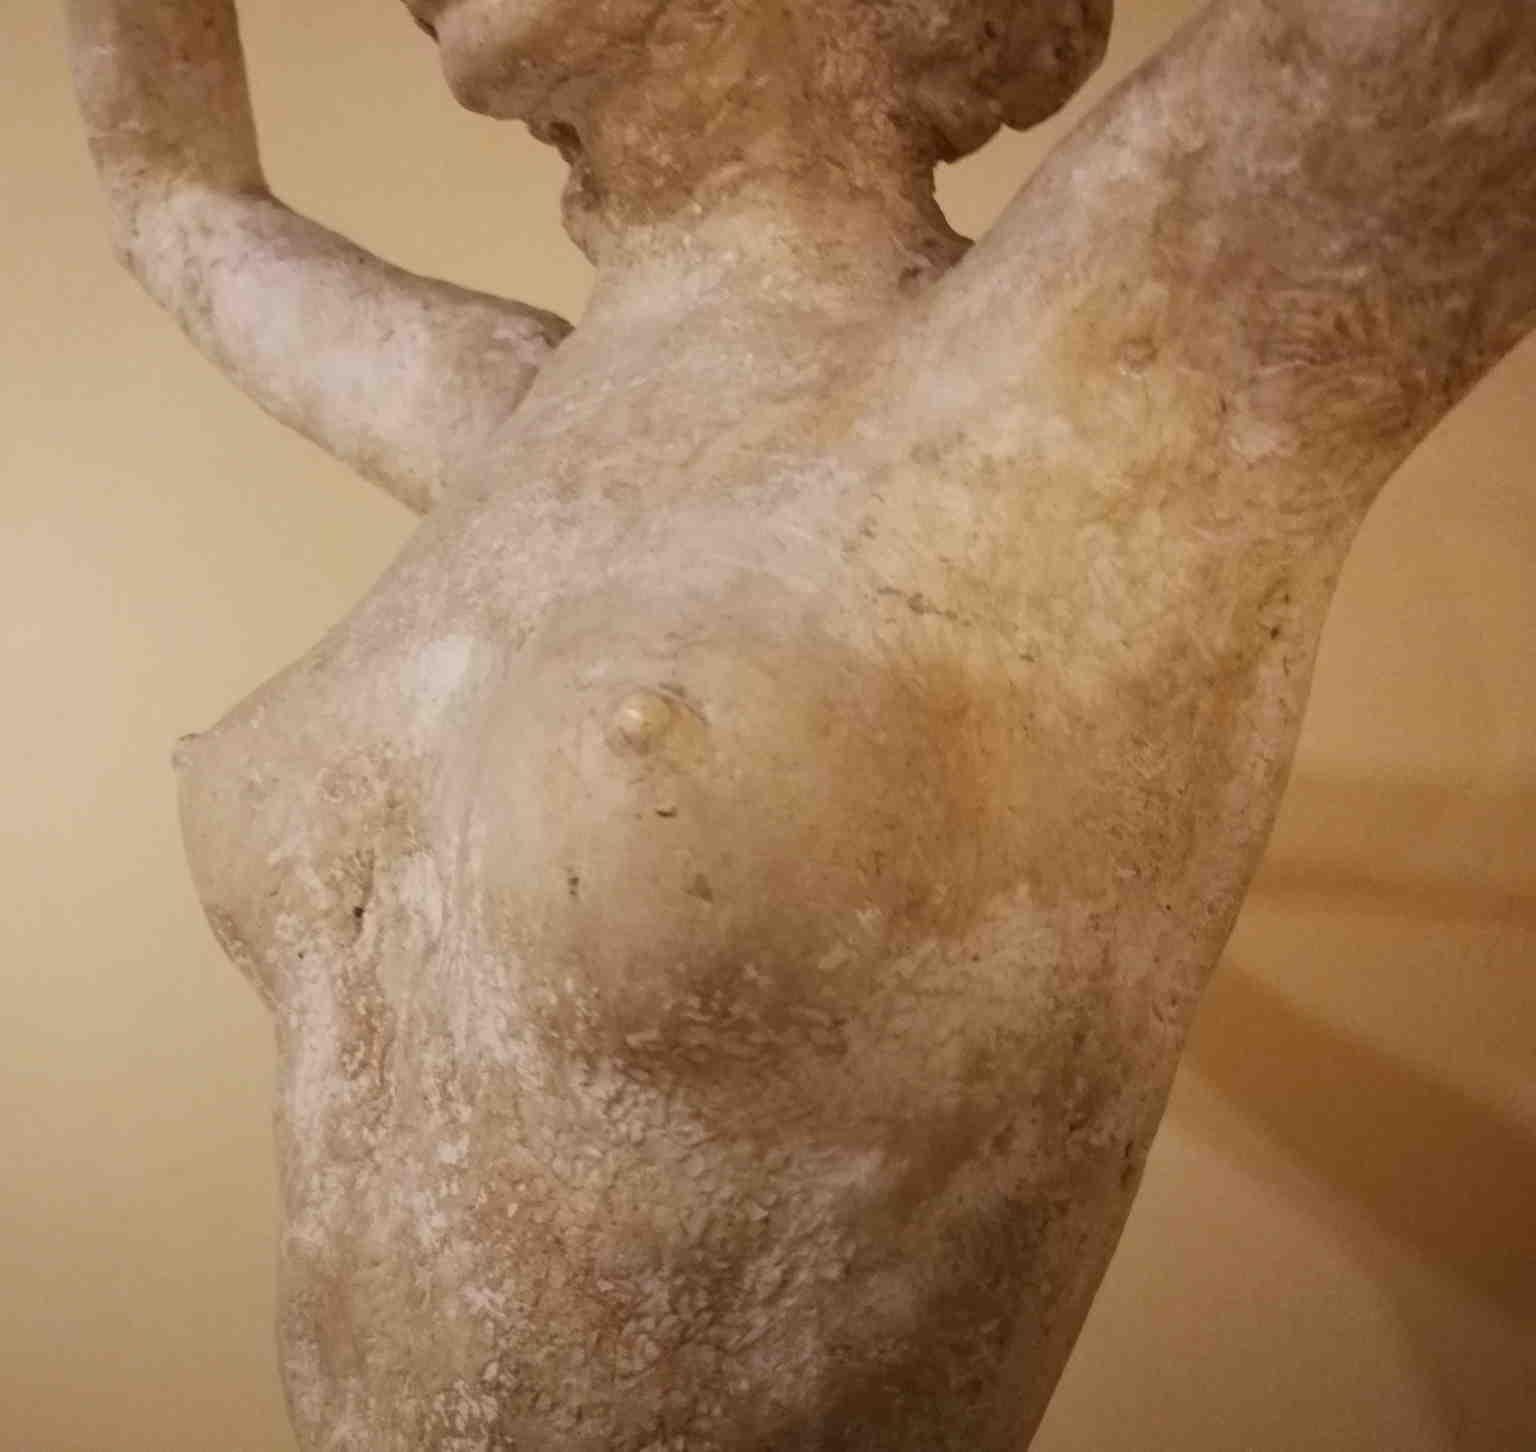 Bruno Innocenti She-devil Nude Statue 20 century plaster